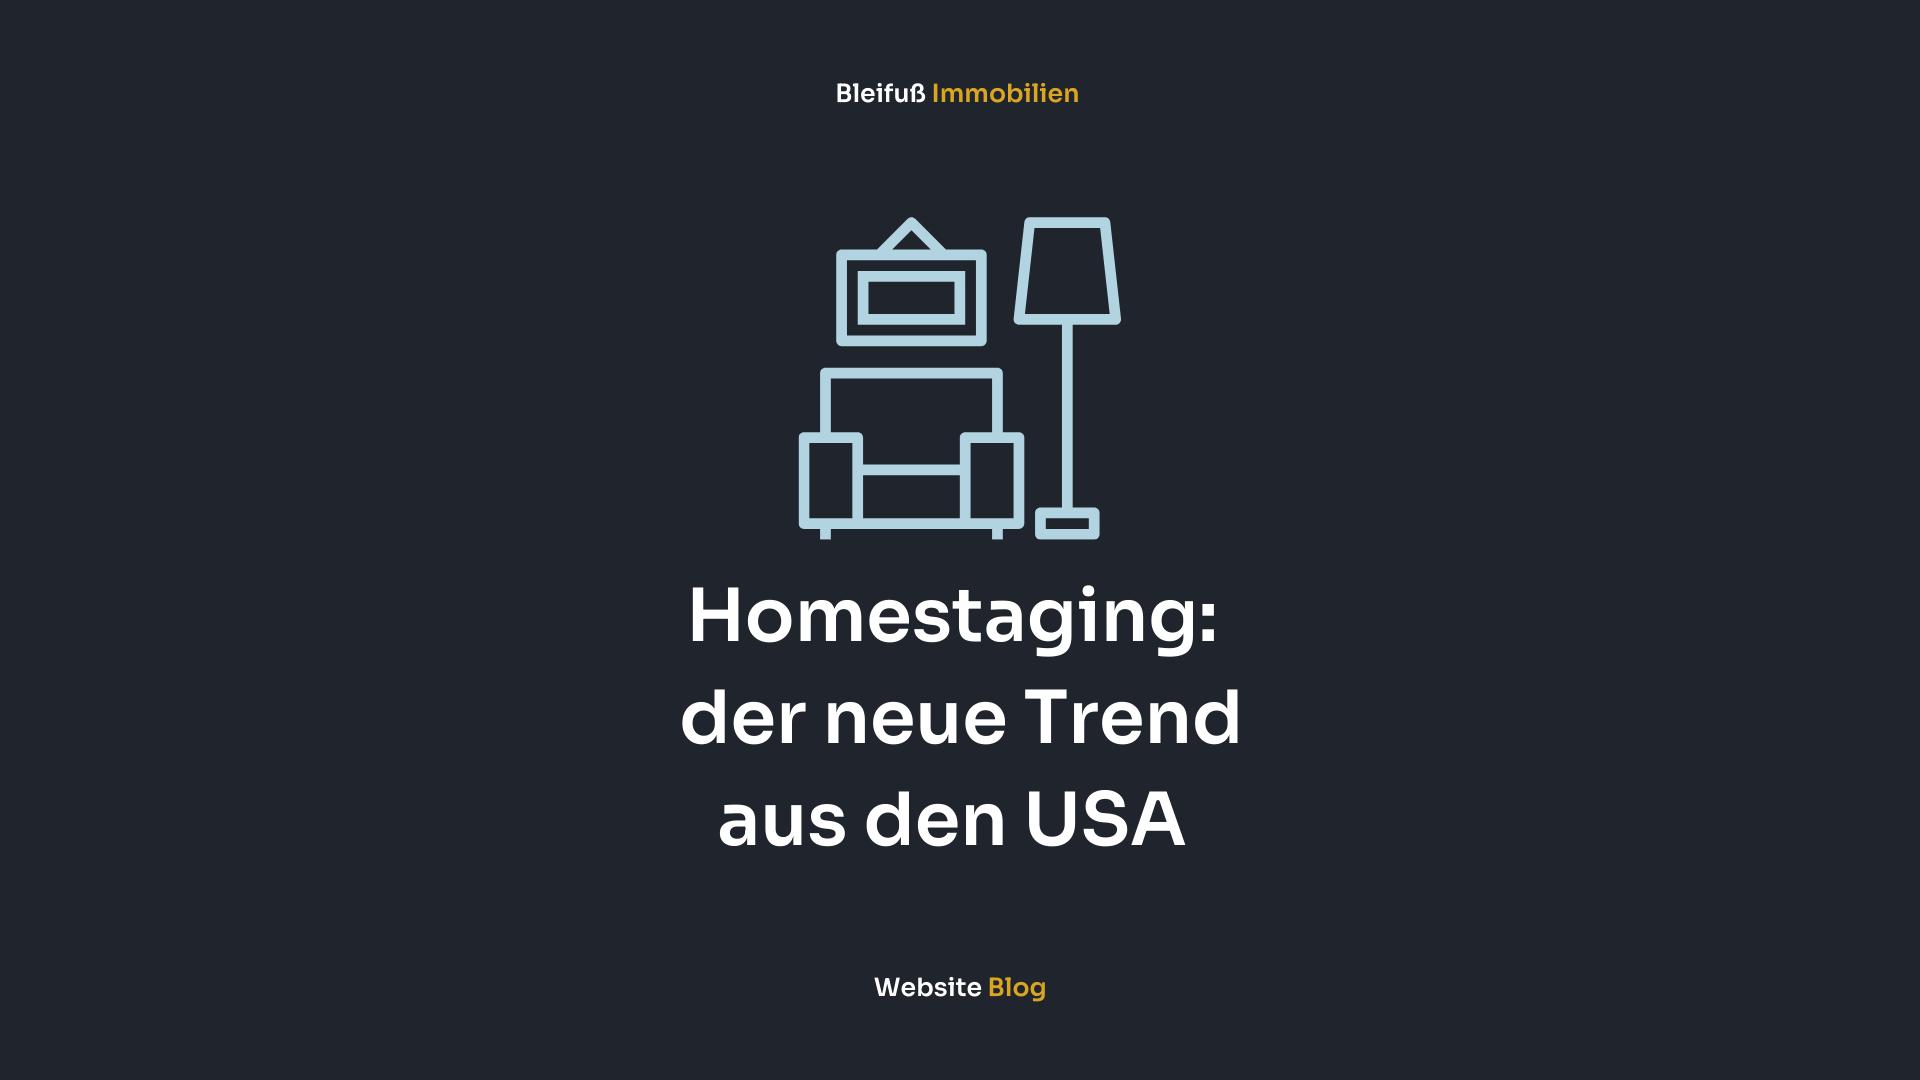 Home Staging - Der neue Trend aus den USA